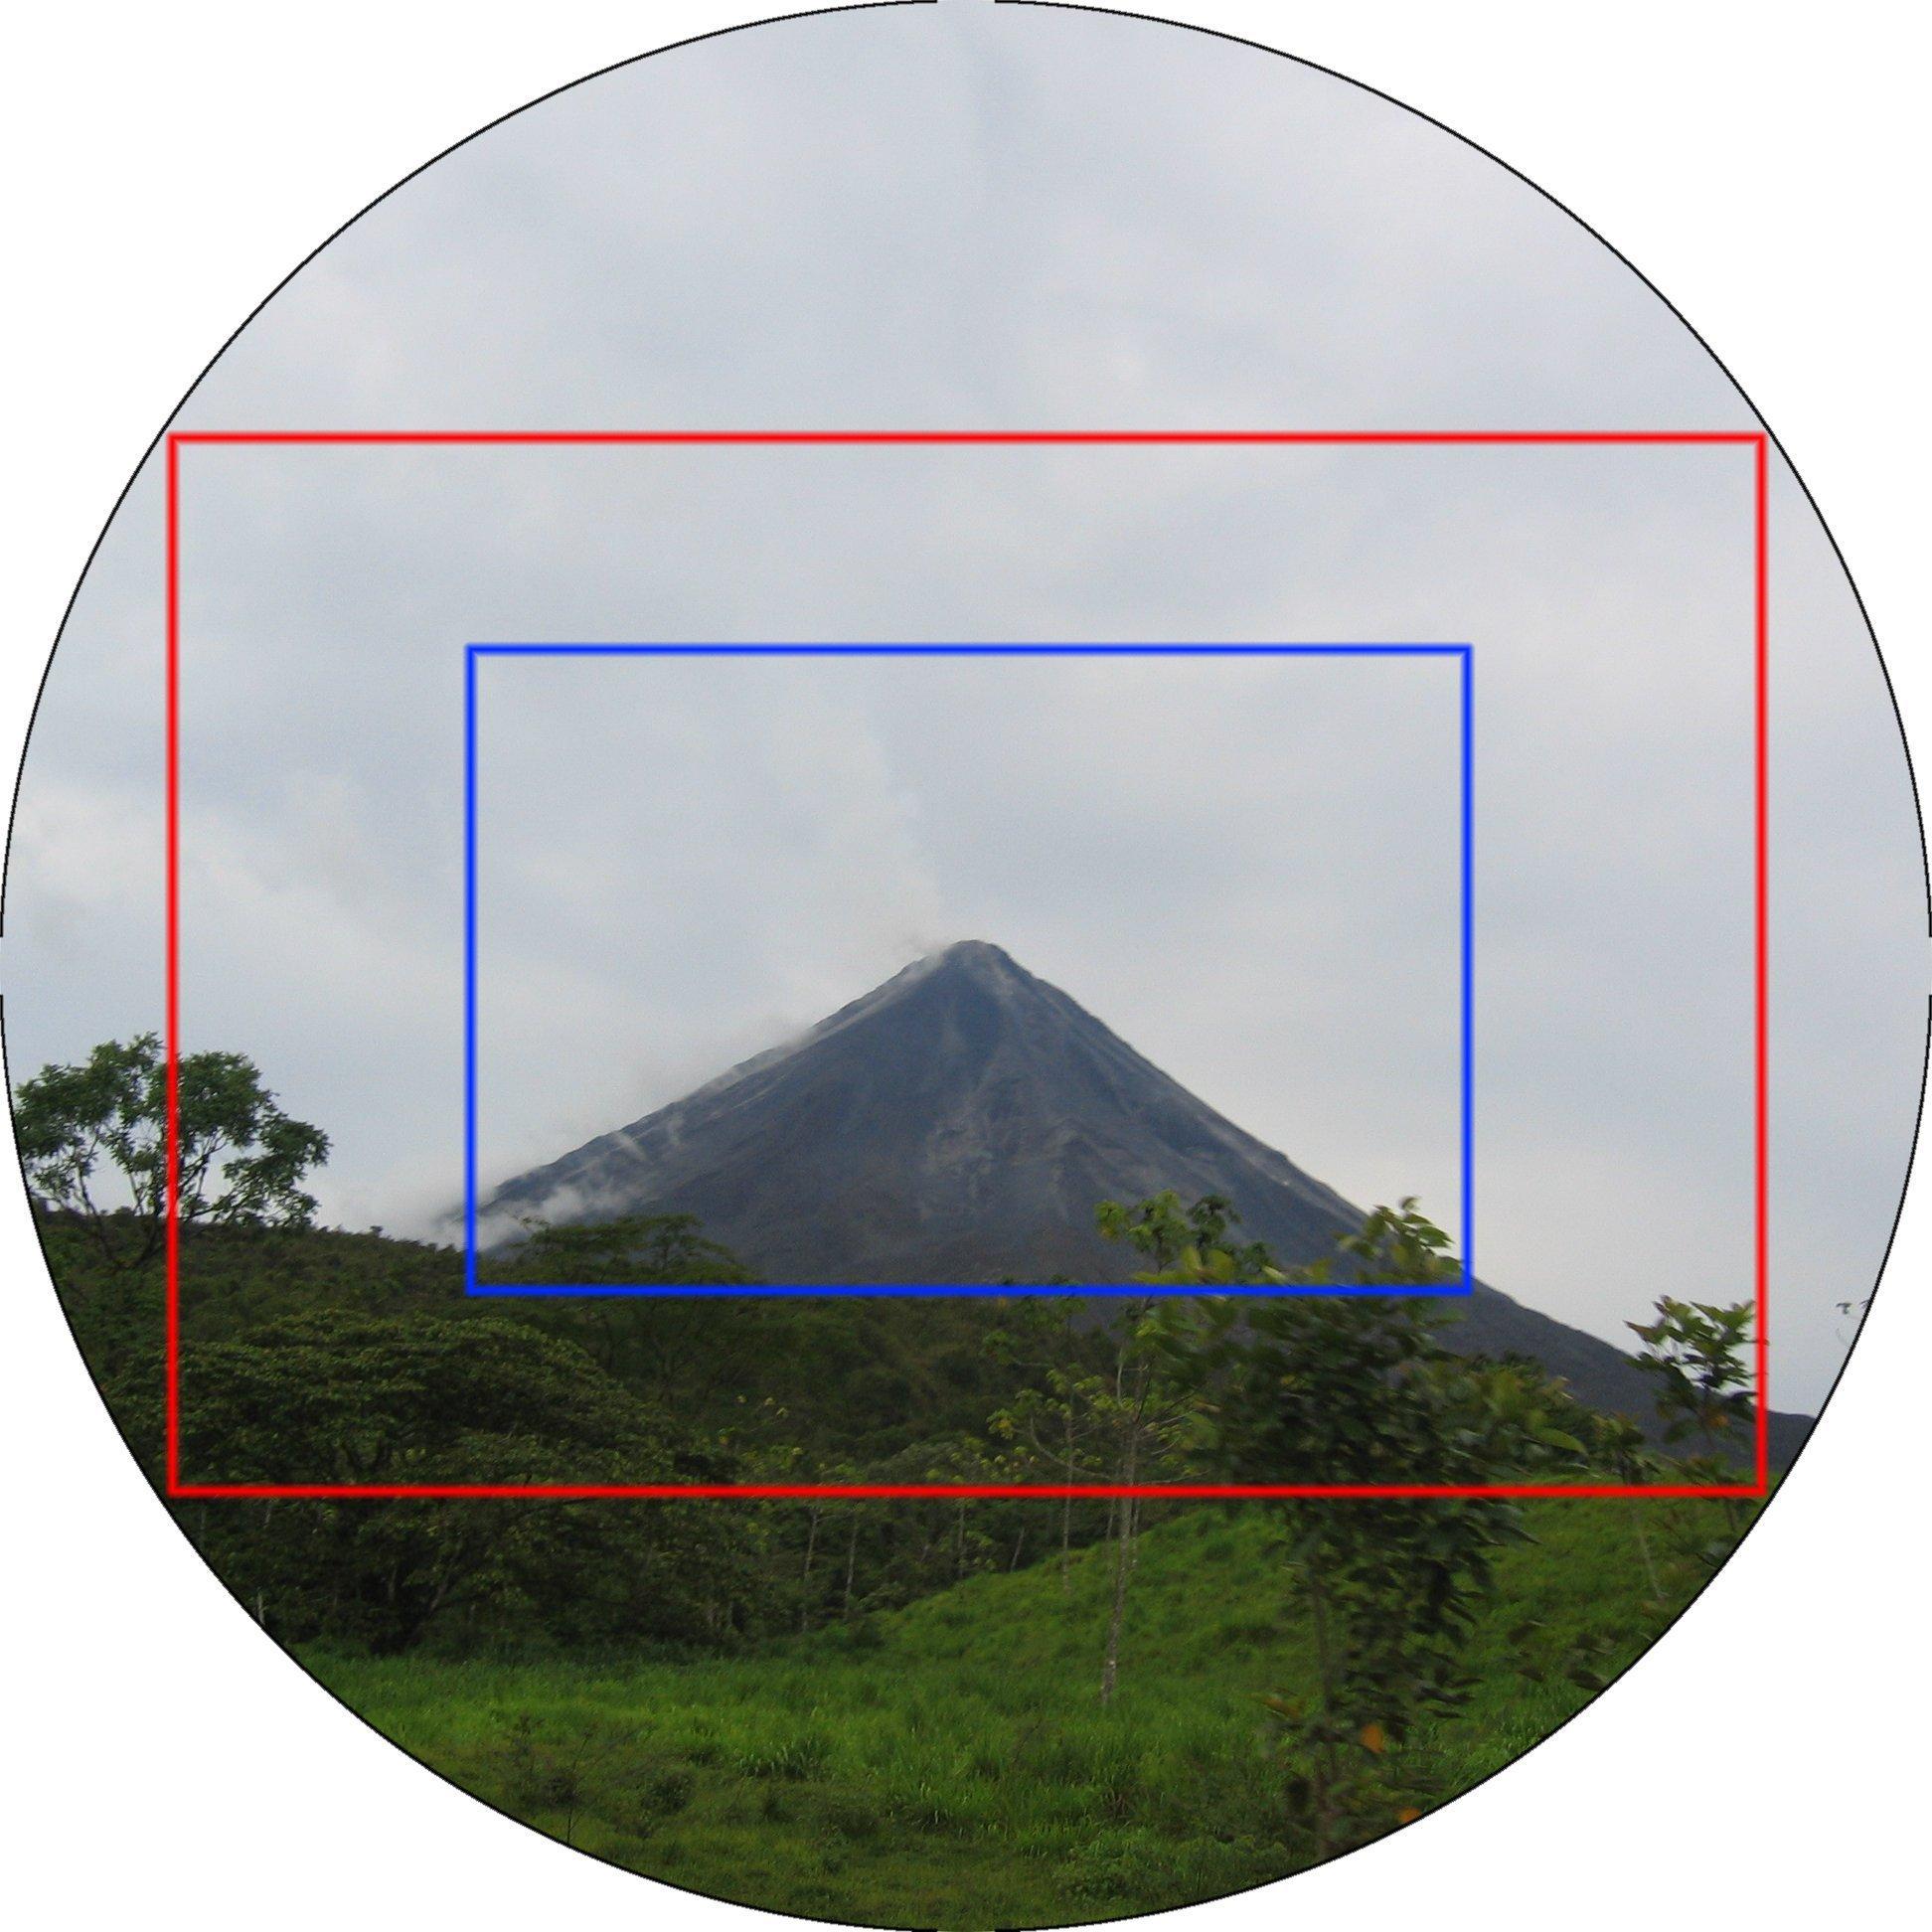 ضریب برش به اختلاف اندازه بین یک فریم فیلم ۳۵ میلی متری و سنسور دوربین گفته میشود